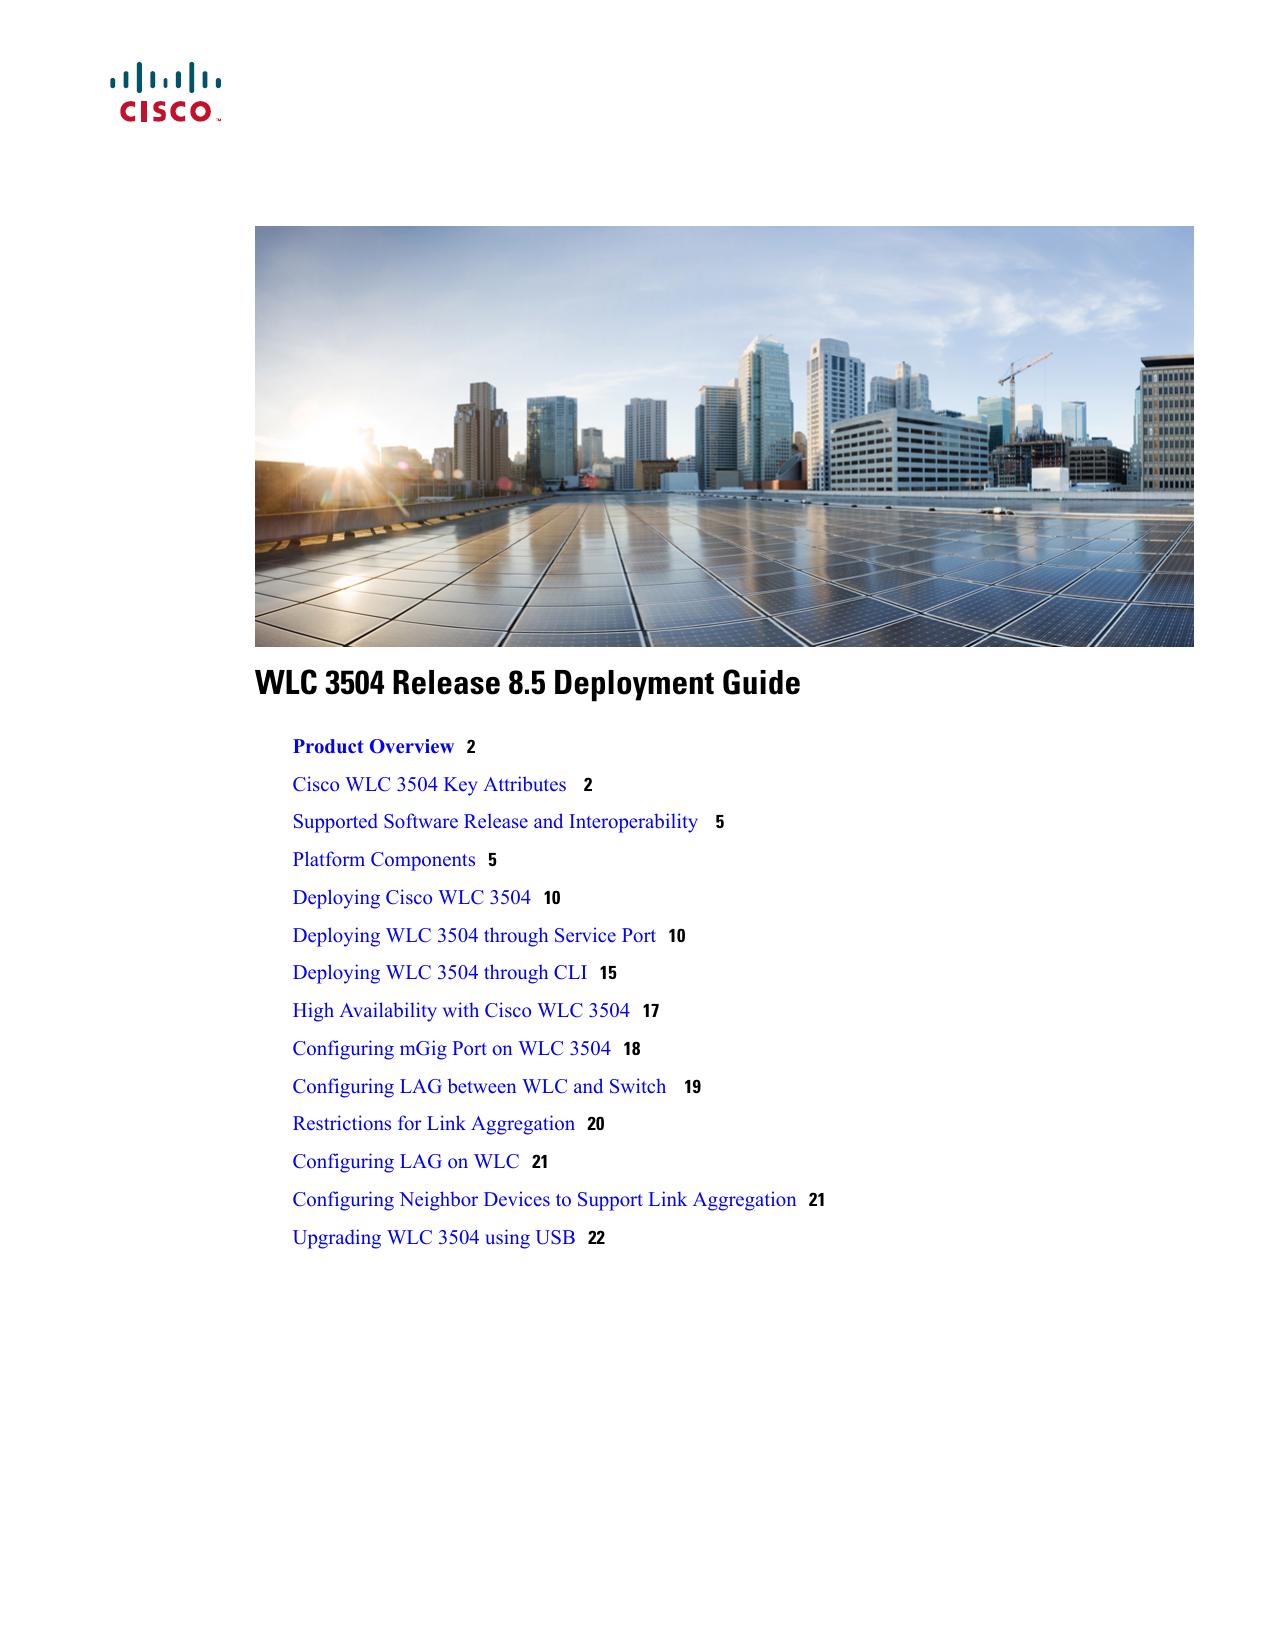 WLC 3504 Release 8 5 Deployment Guide | manualzz com